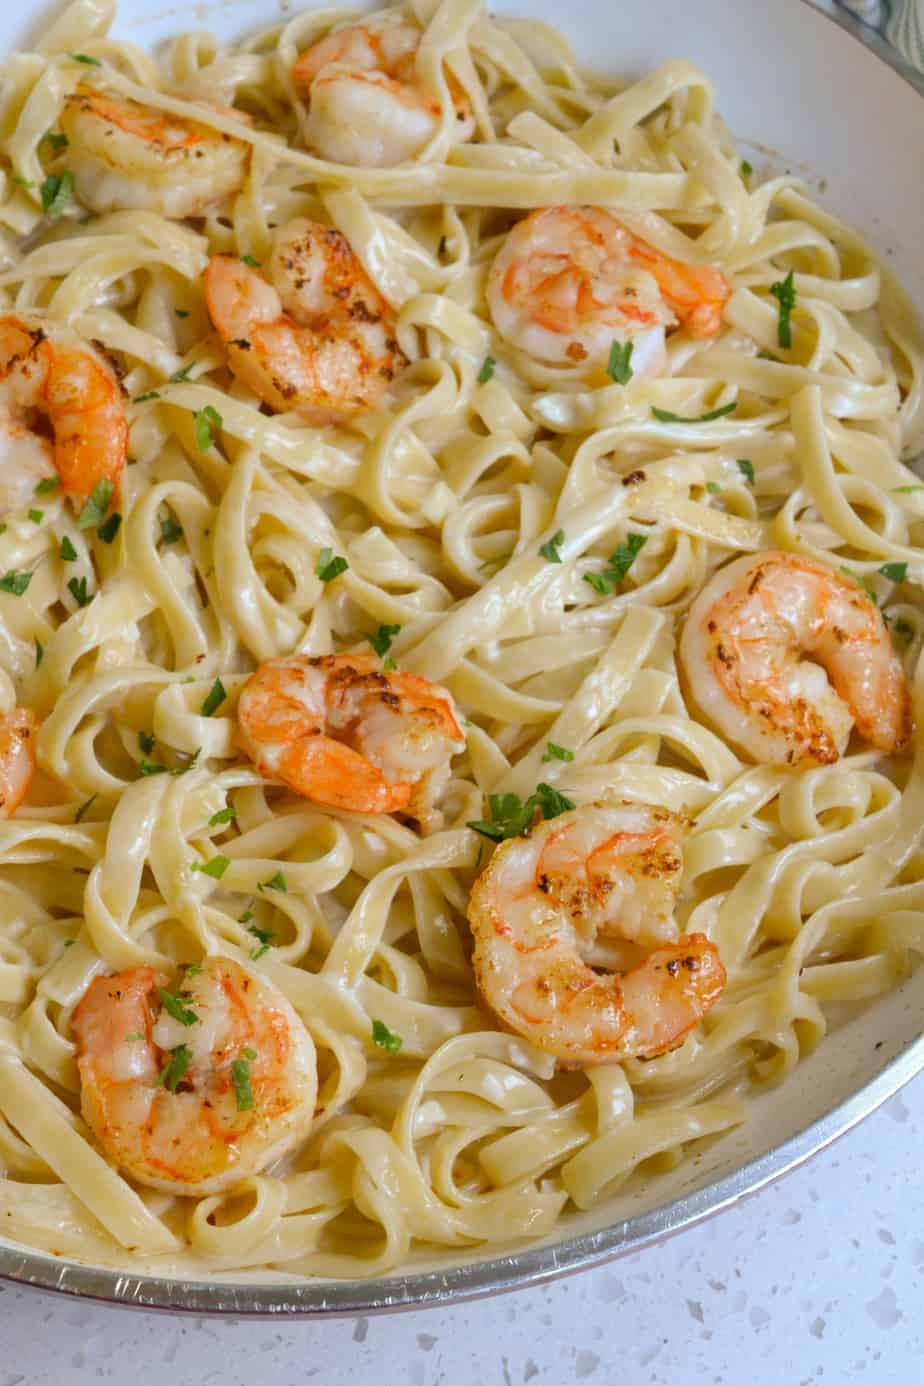 A skillet full of homemade shrimp alfredo.